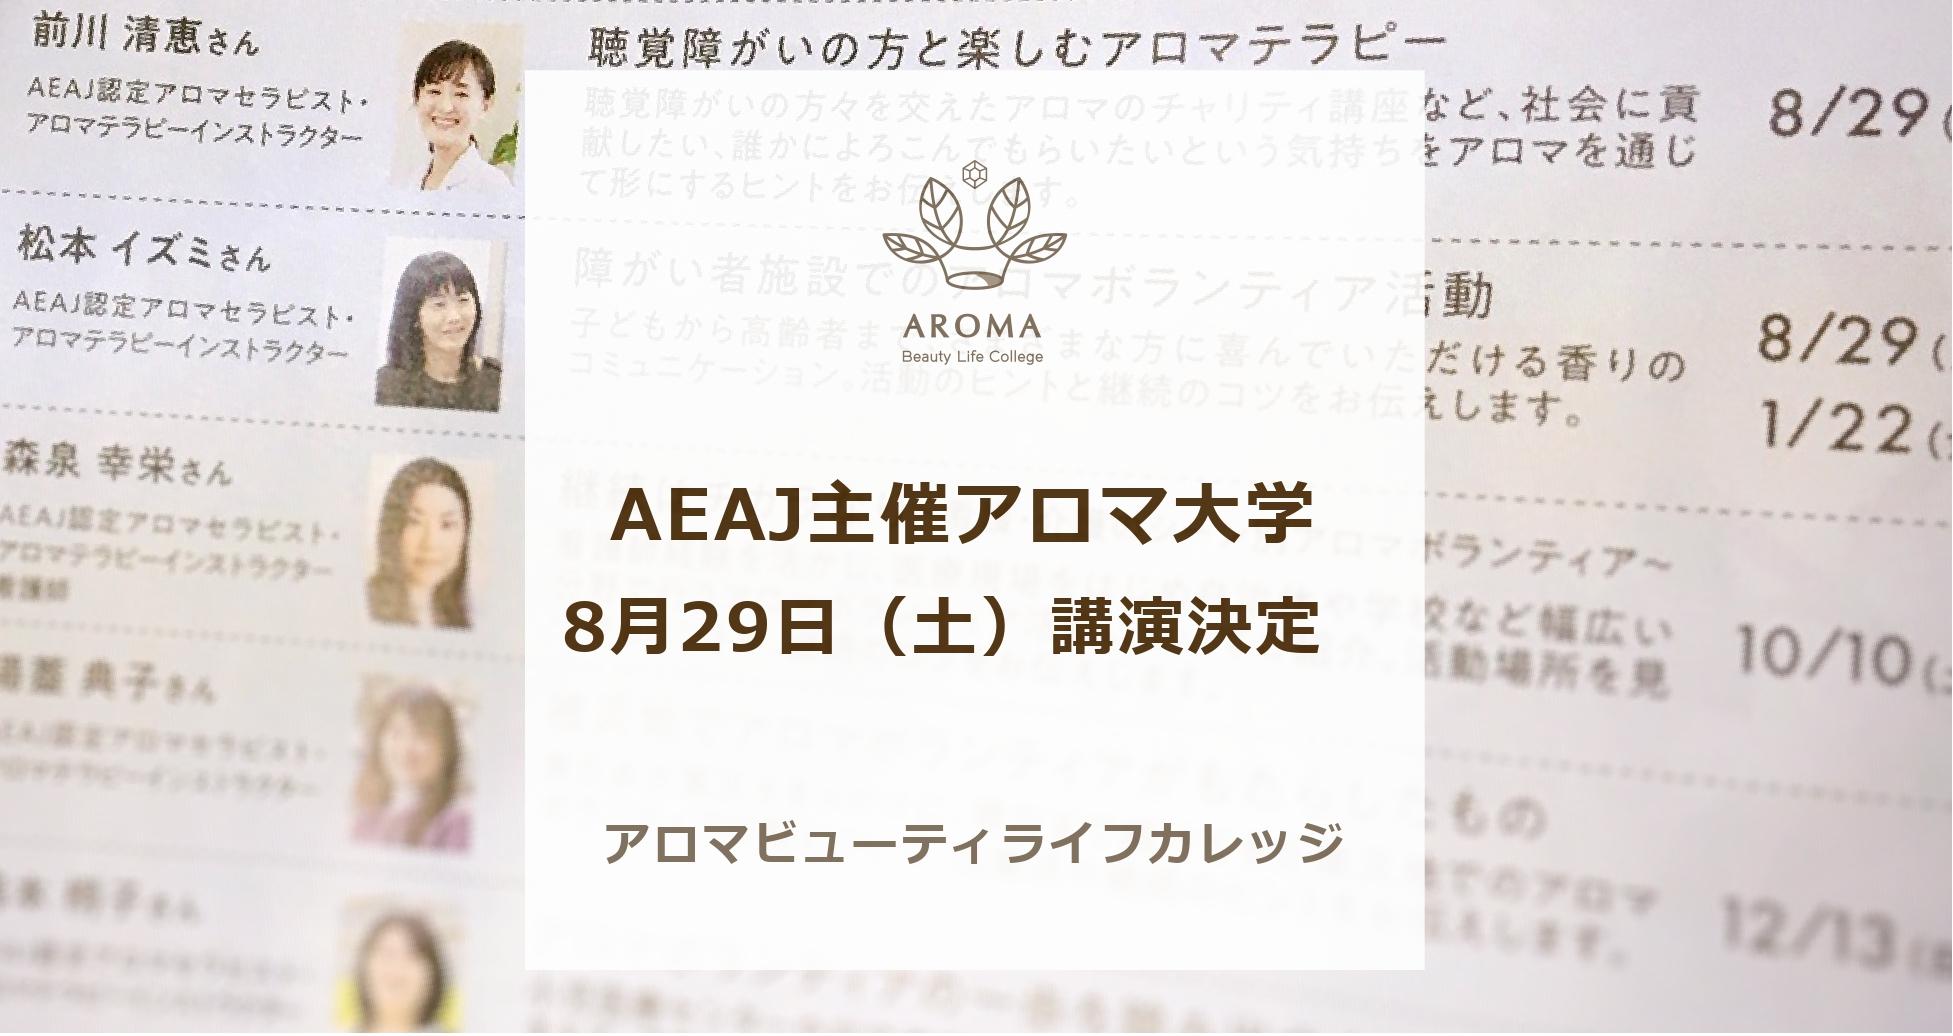 AEAJ「アロマ大学」ボランティア学科で前川清恵が講演をします。テーマ「聴覚障がいの方と楽しむアロマテラピー」ボランティアやチャリティを気軽に始める方法をお話します。